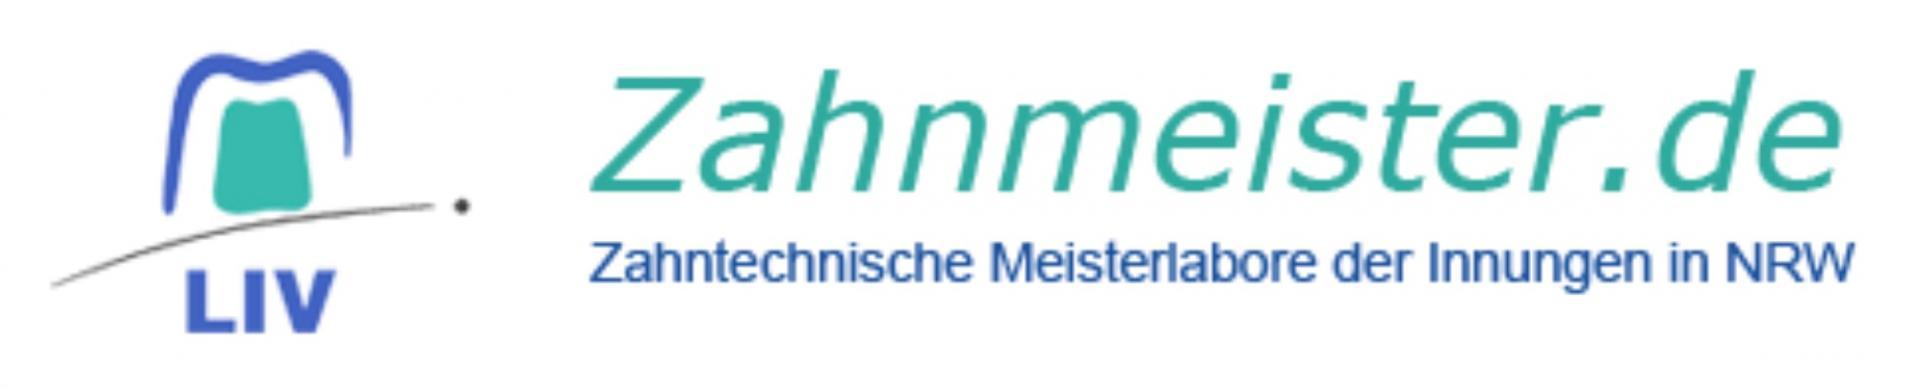 Landesinnungsverband des Zahntechnikerhandwerks NRW